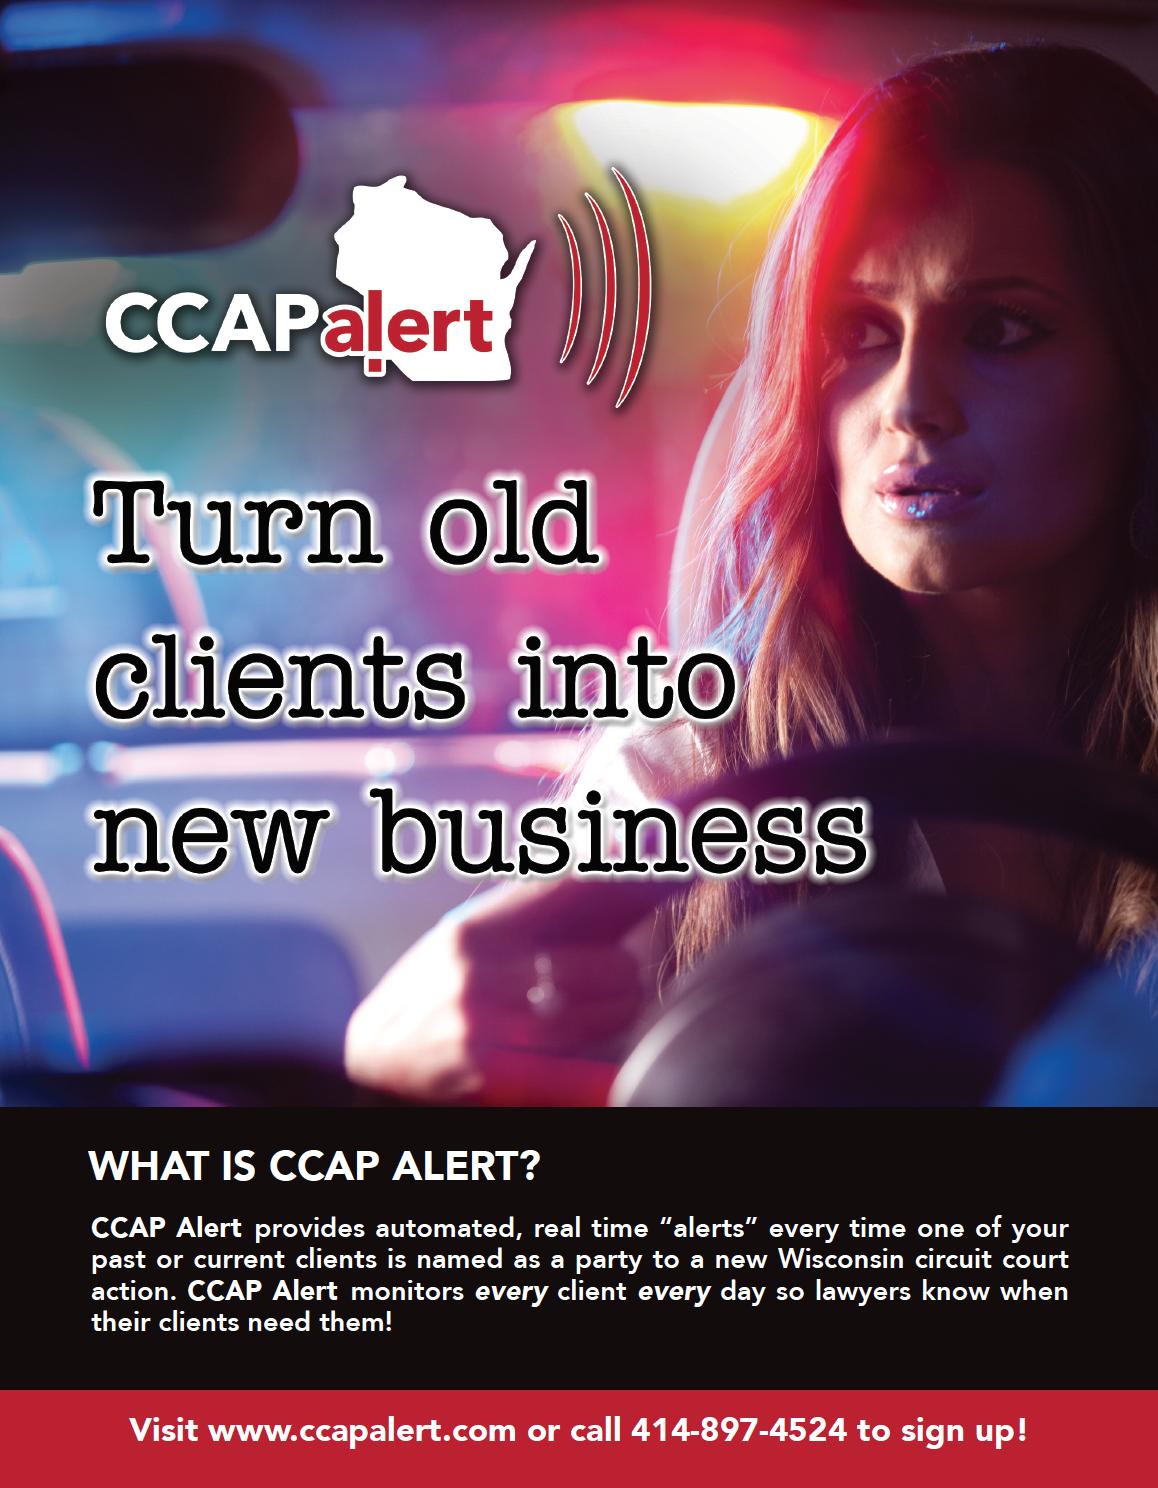 CCAP Alert trade show banner